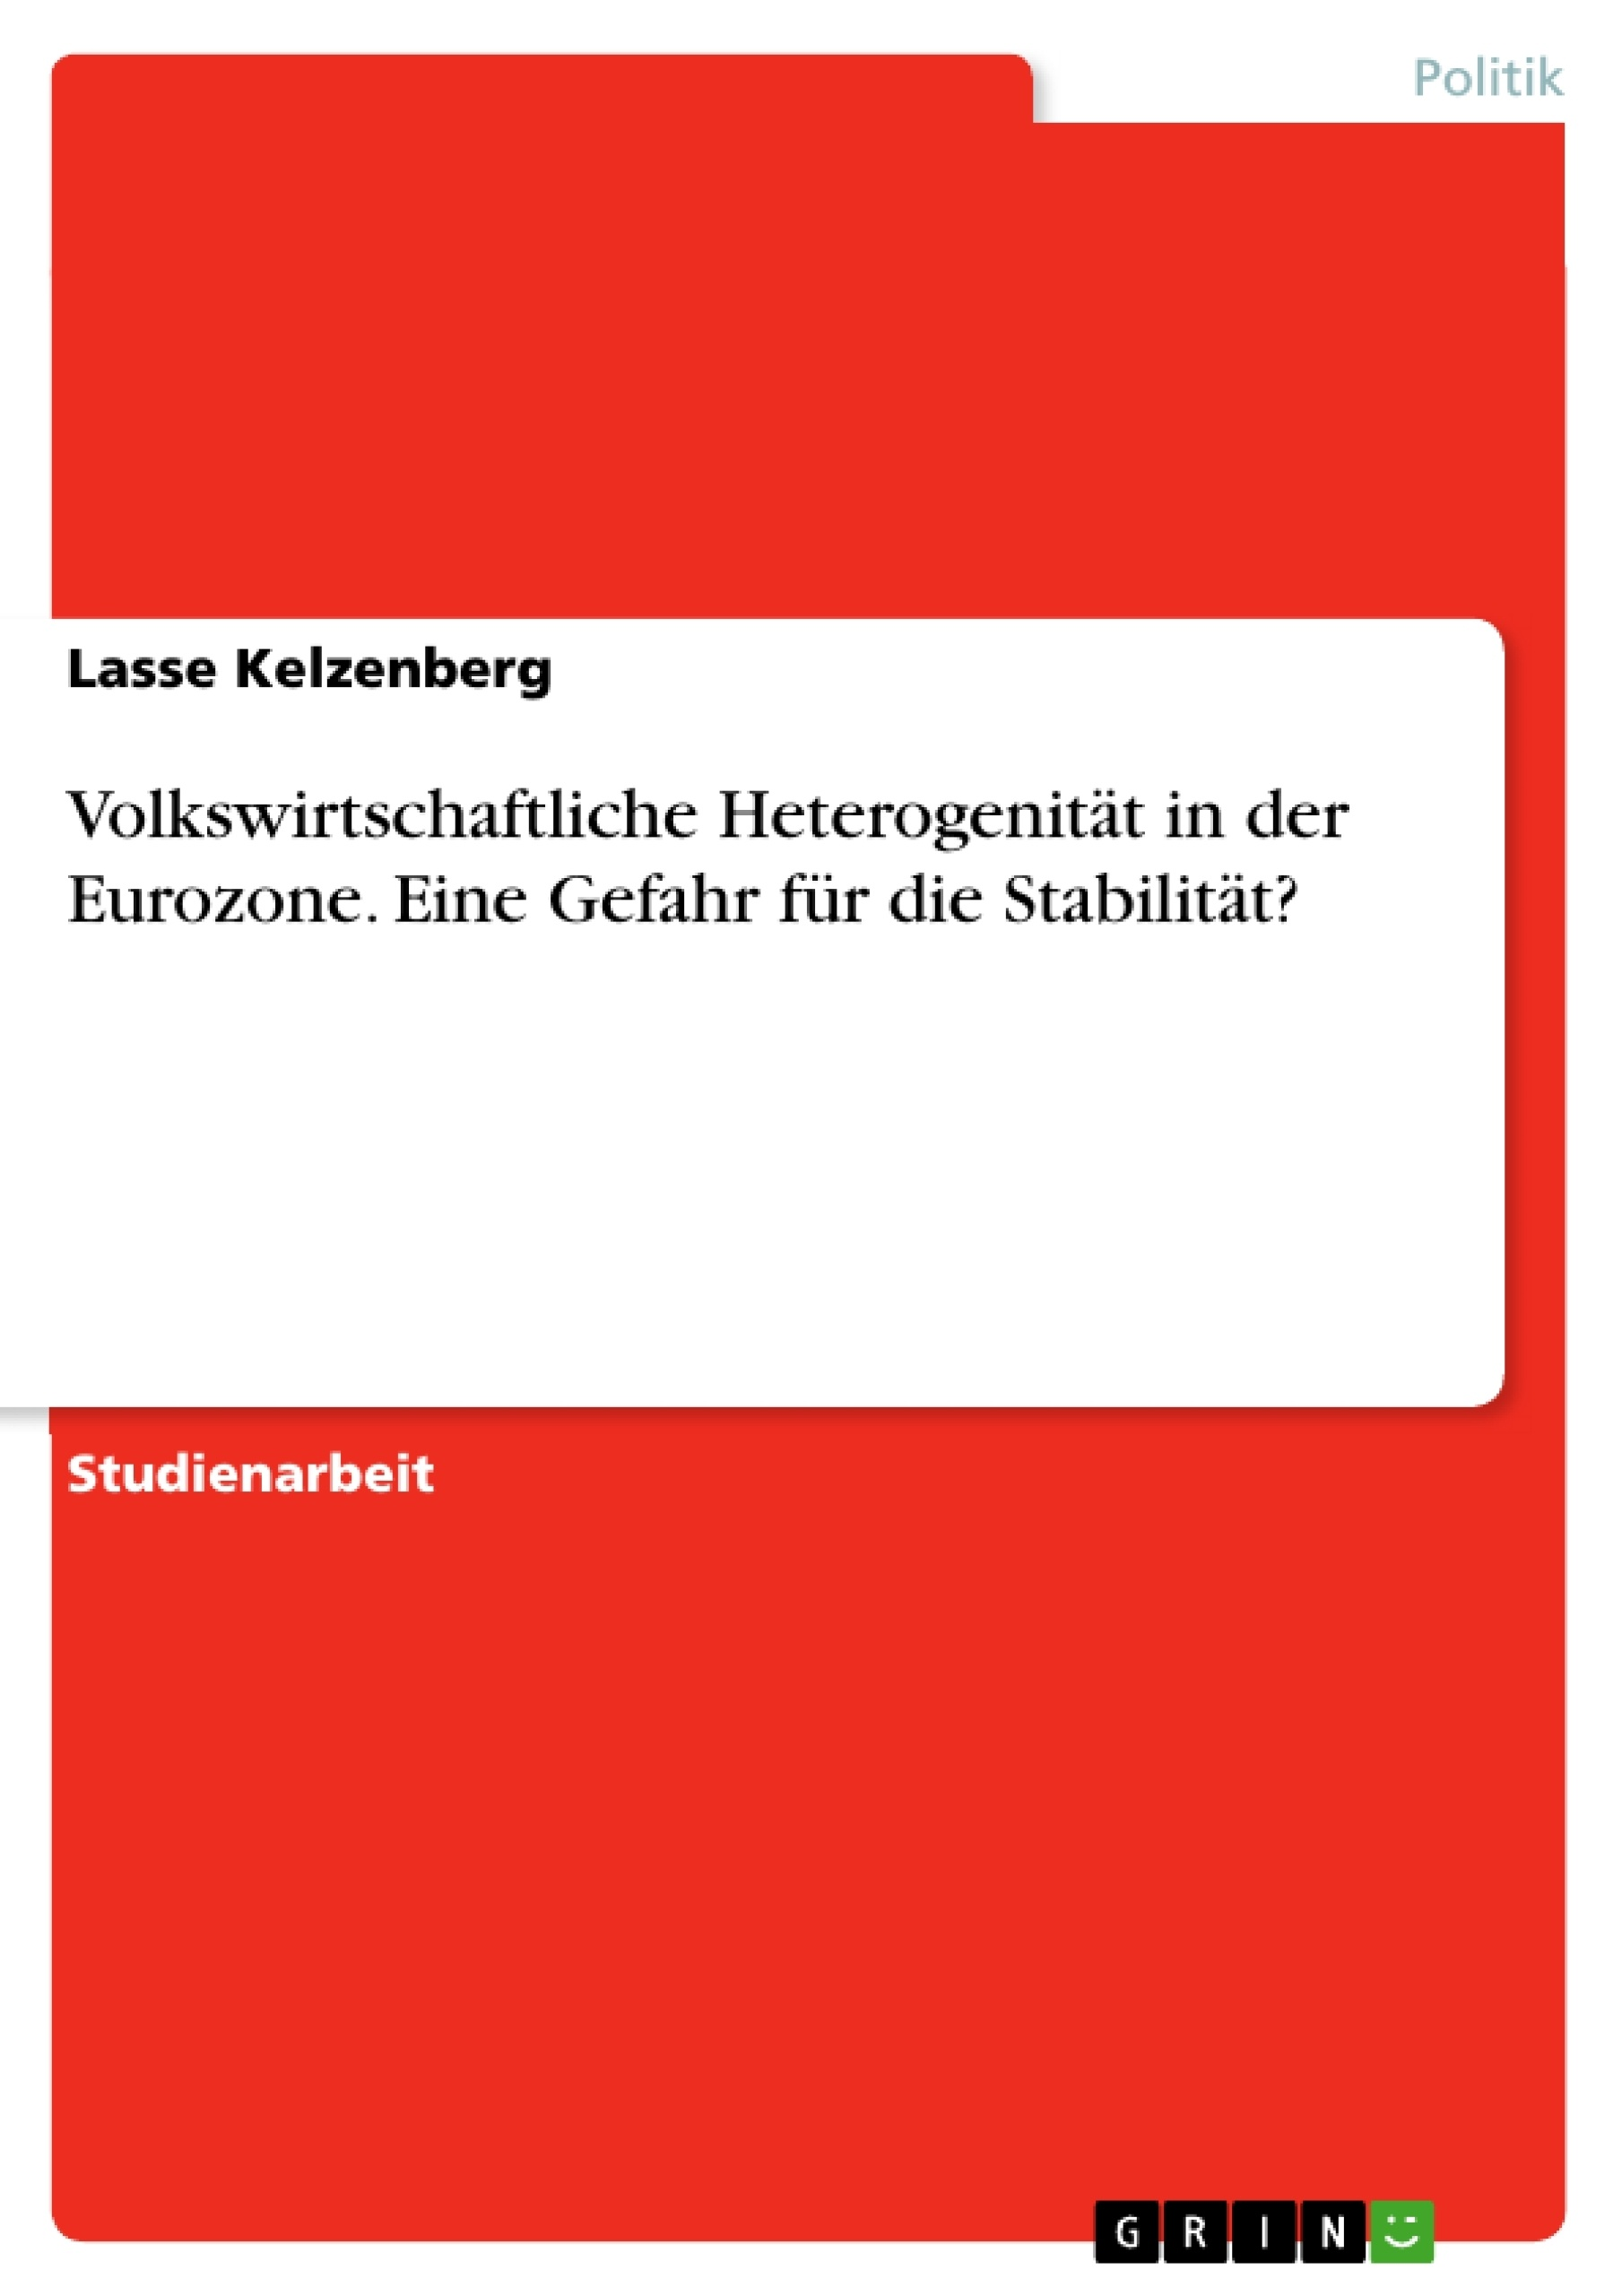 Titel: Volkswirtschaftliche Heterogenität in der Eurozone. Eine Gefahr für die Stabilität?